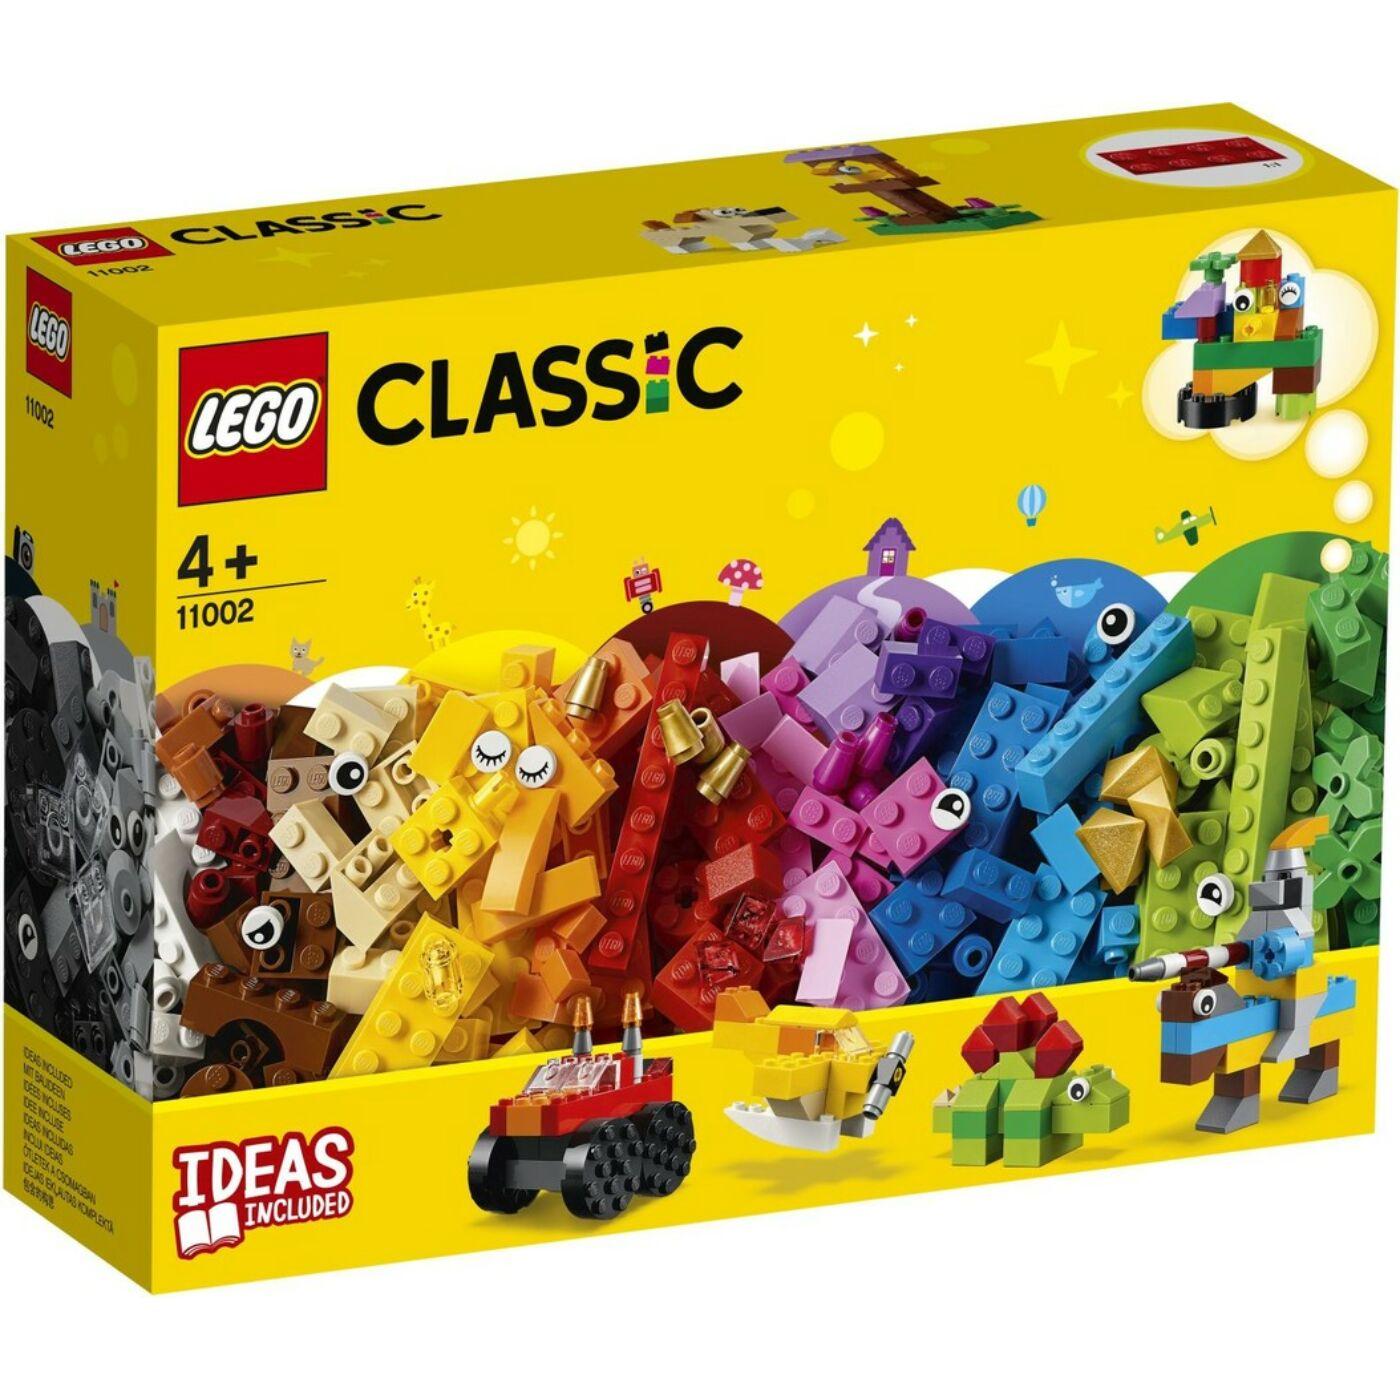 Lego Classic Alap kocka készlet